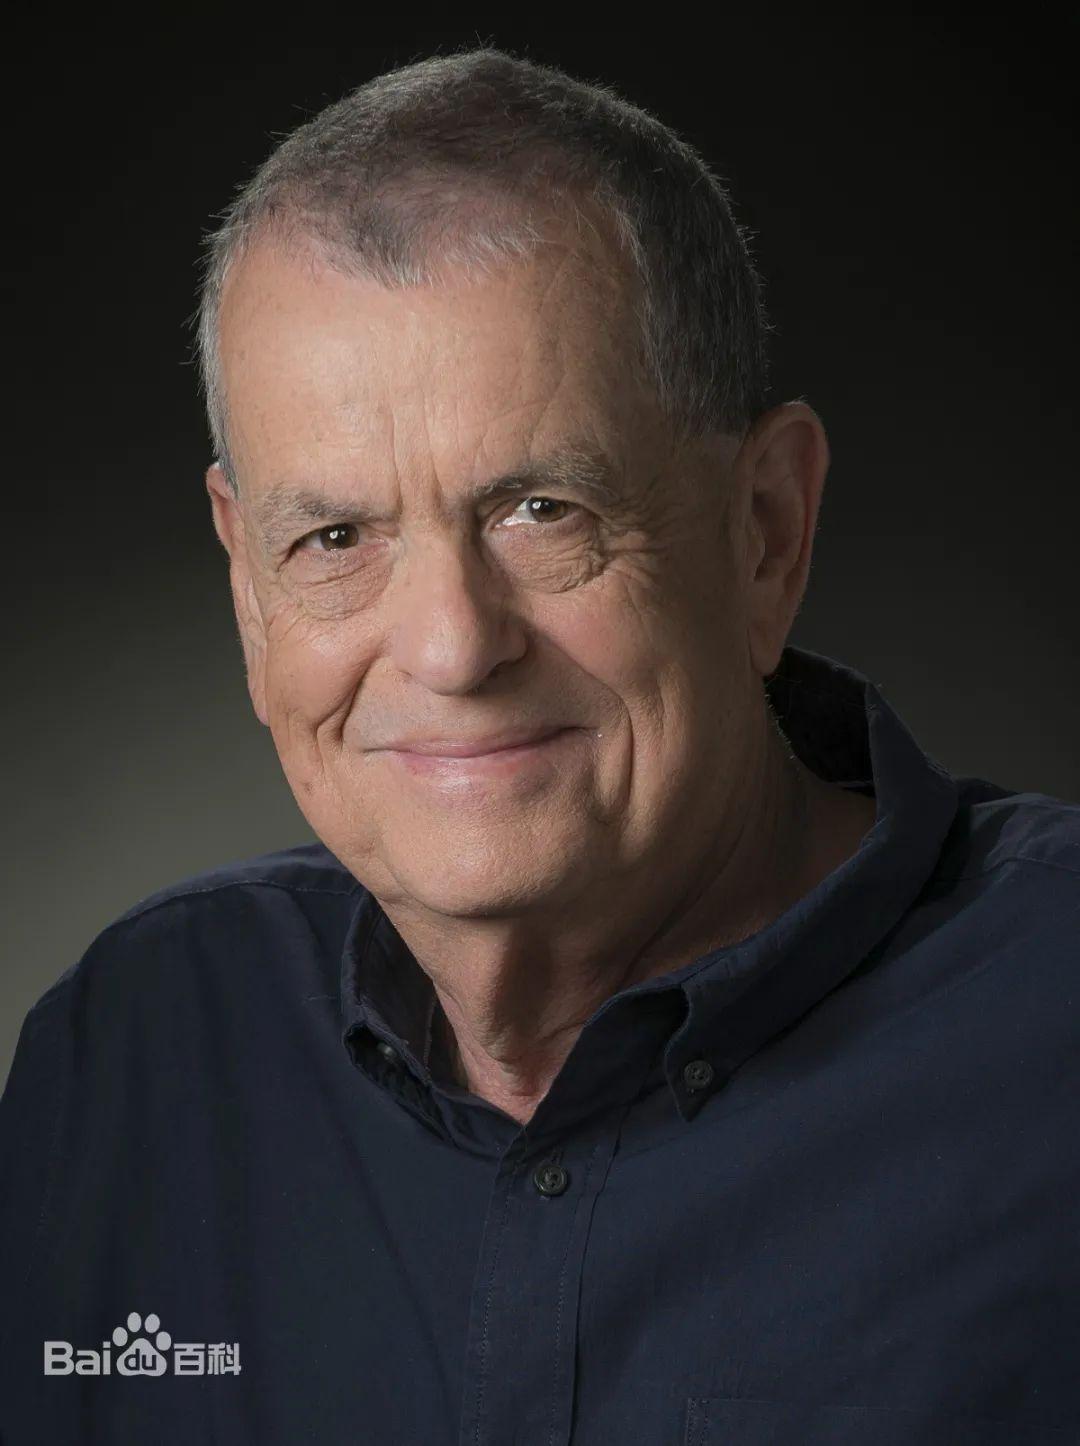 诺奖得主阿龙·切哈诺沃教授为温医大送来2020青科会祝福!图片